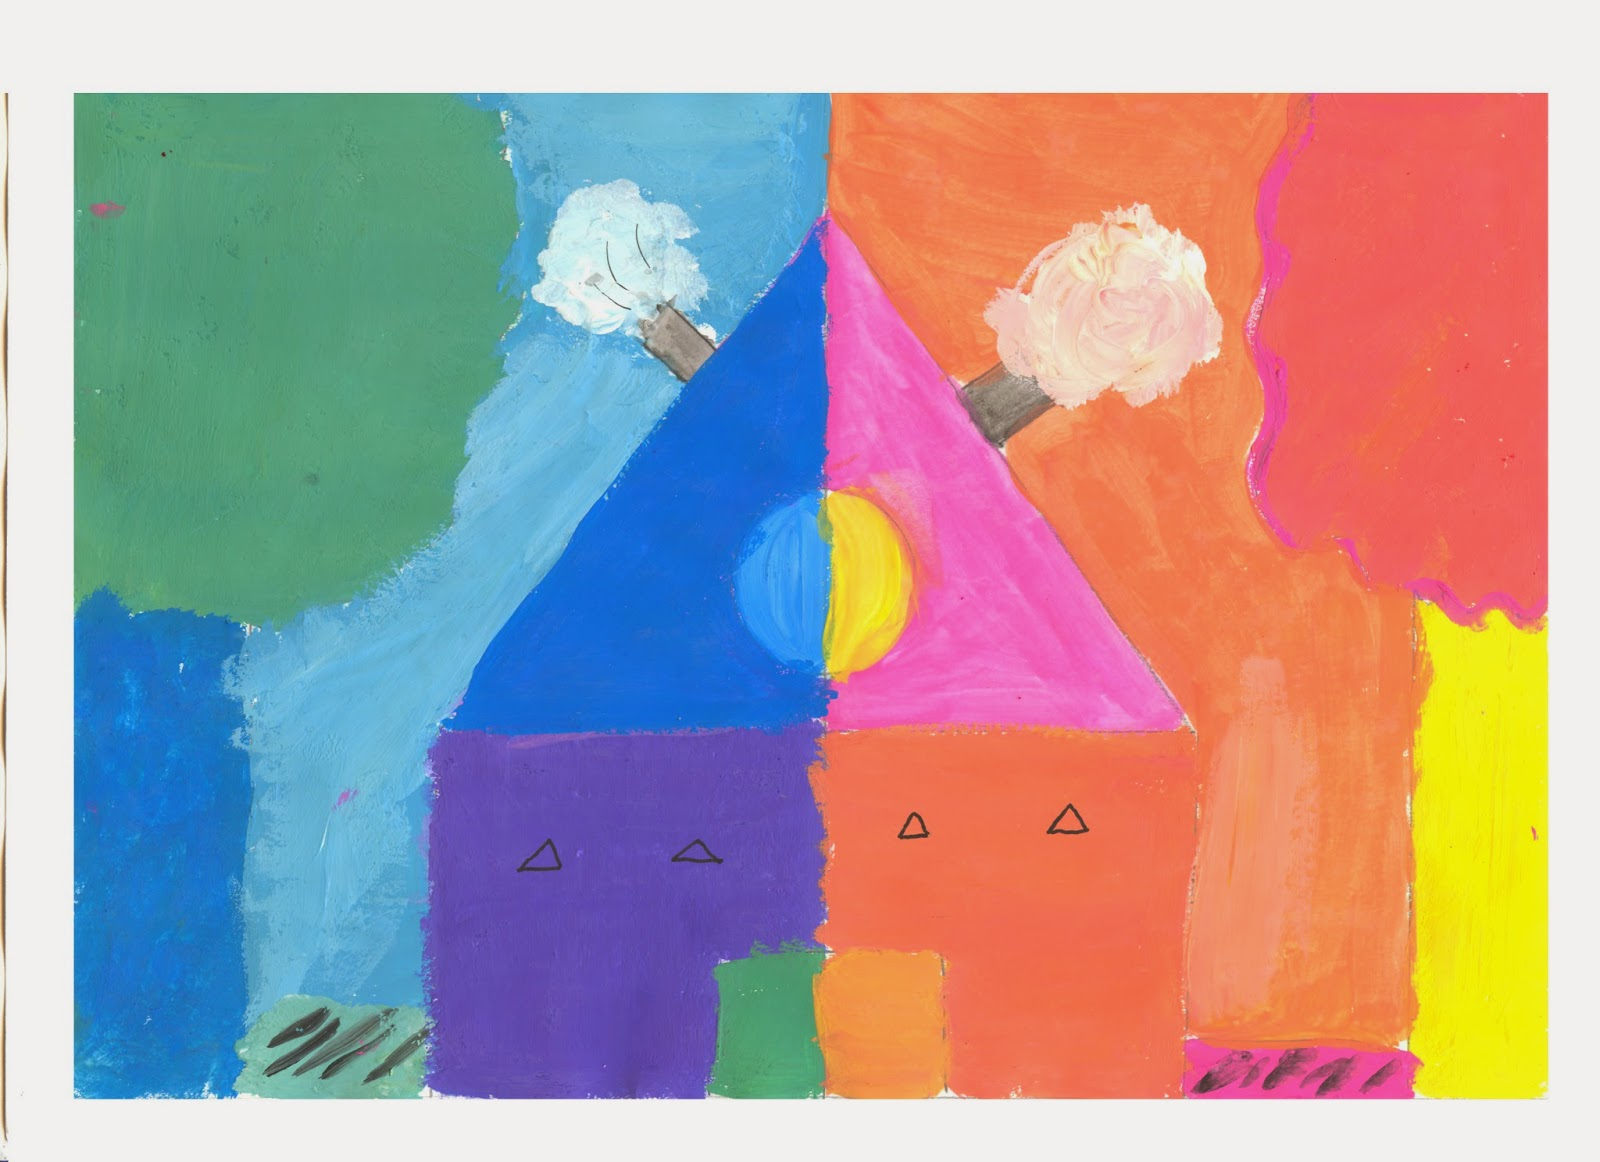 Dibujos educacion plastica y visual colores c lidos y frios - Paisaje con colores calidos ...